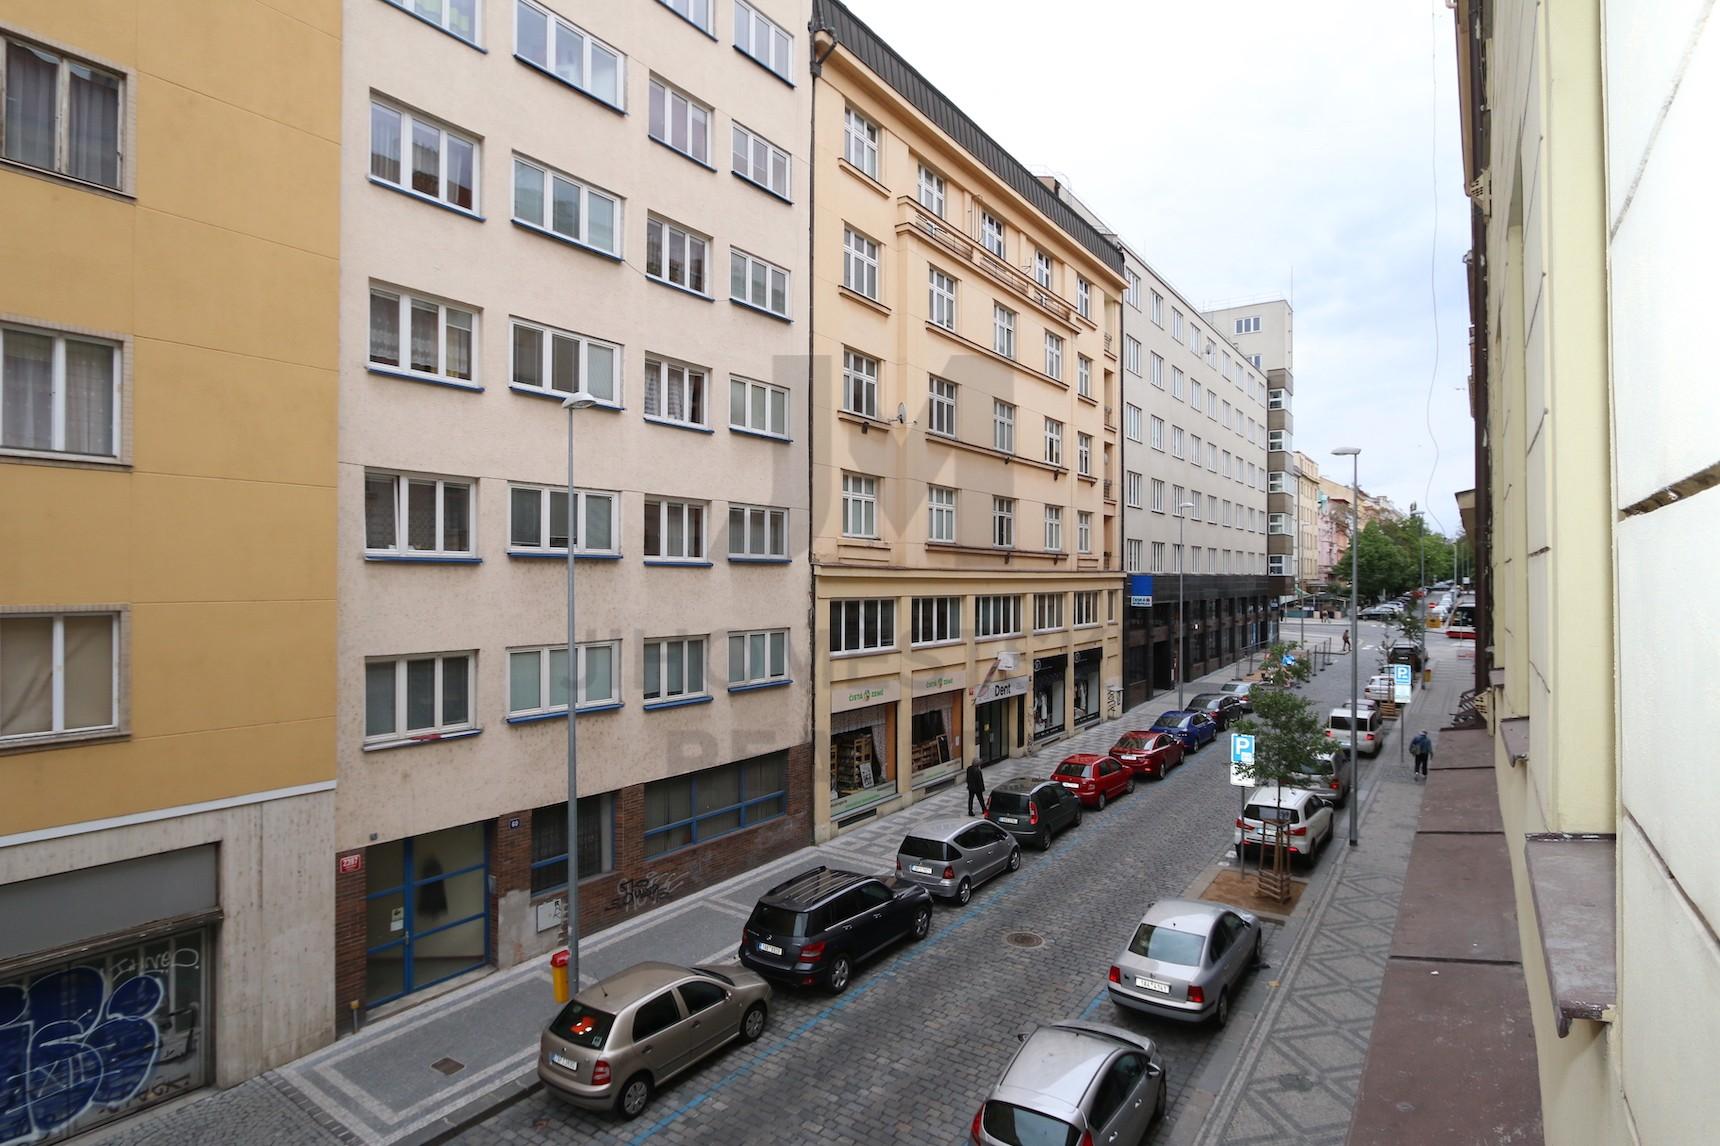 NÁJEM BYTU 2+kk, Londýnská, Praha 2 - Vinohrady